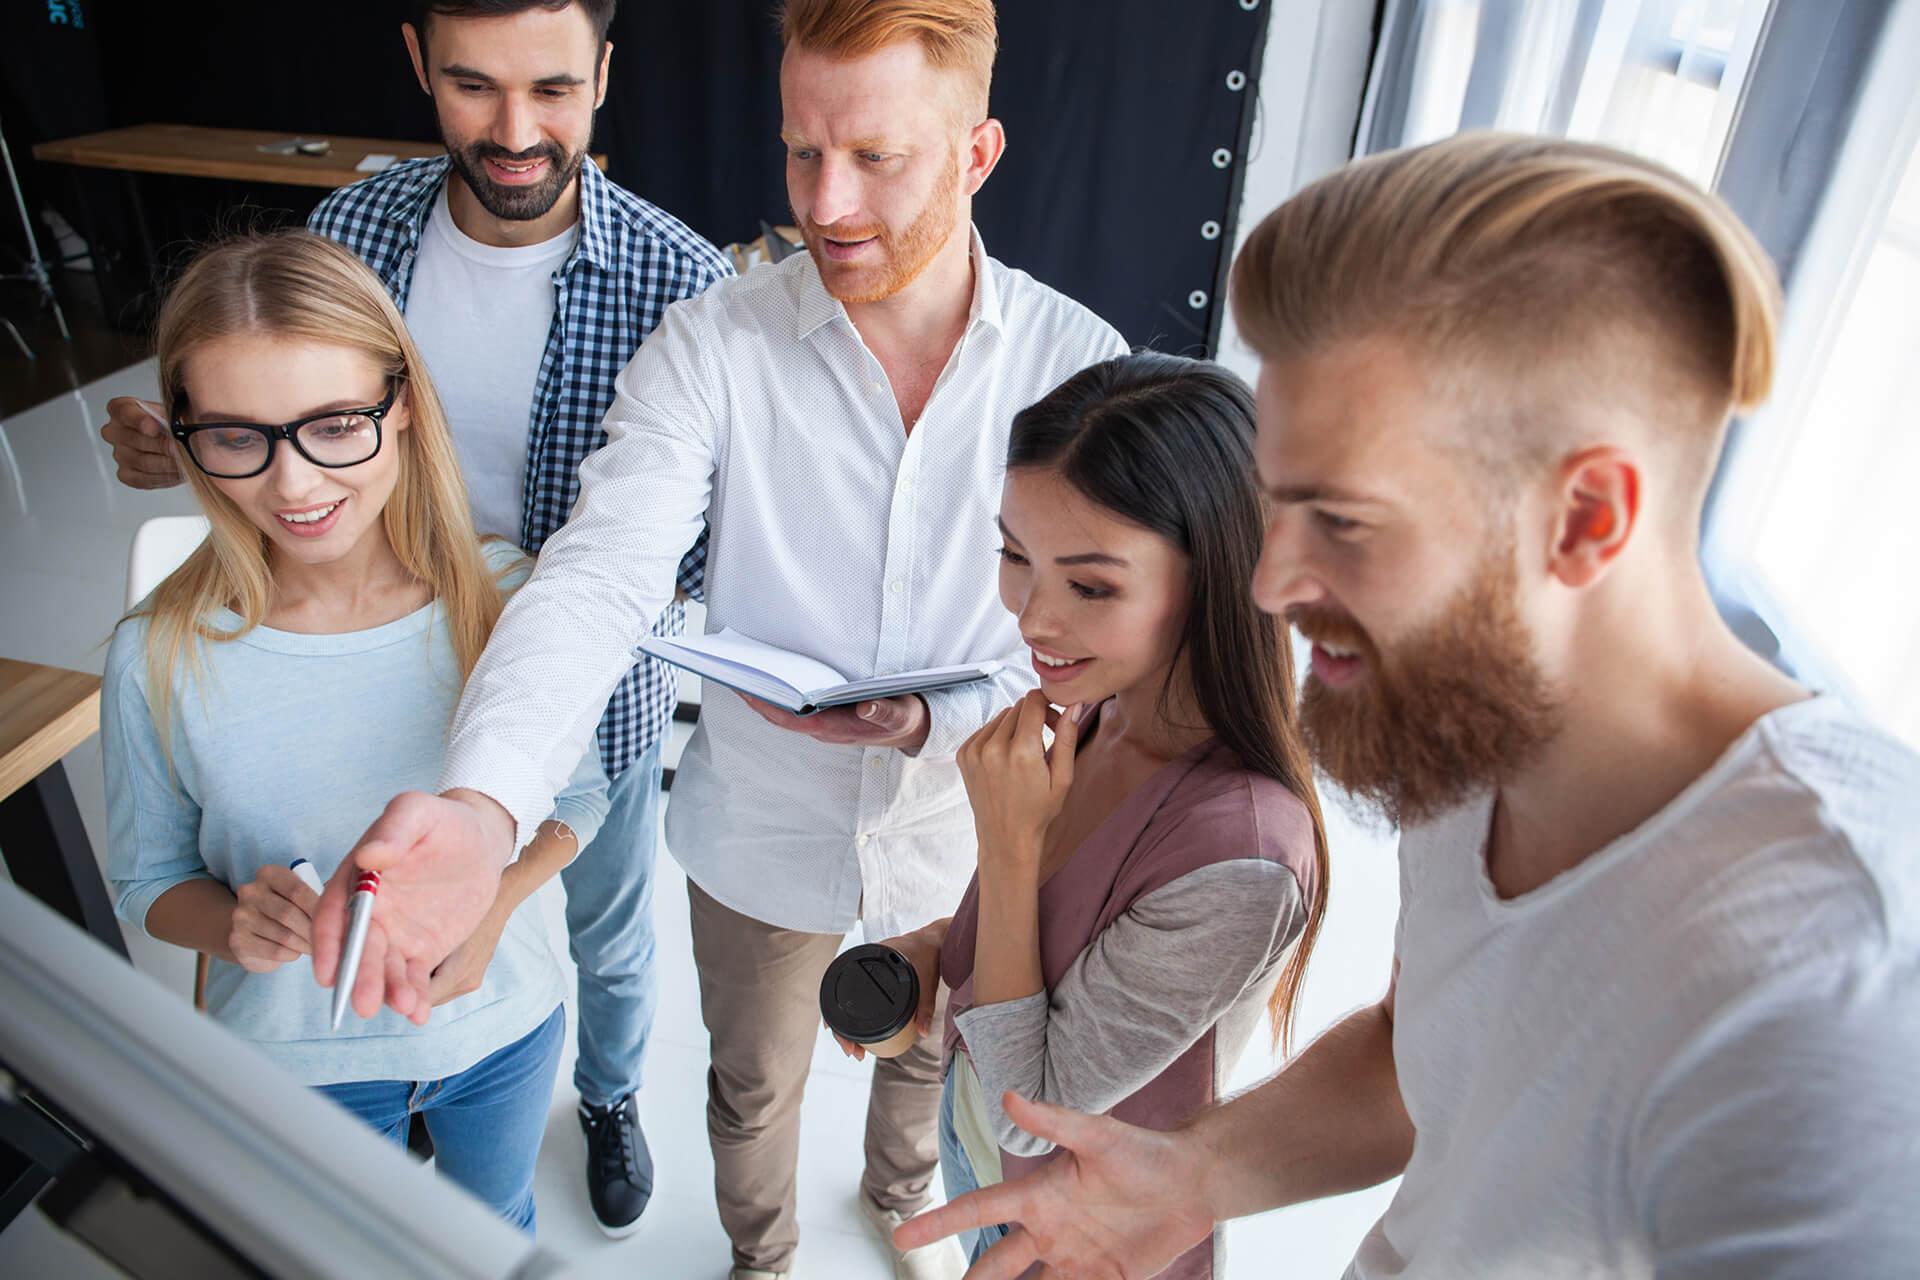 Ein junges Team ararbeitet ein Projekt an einem Flip-Chart